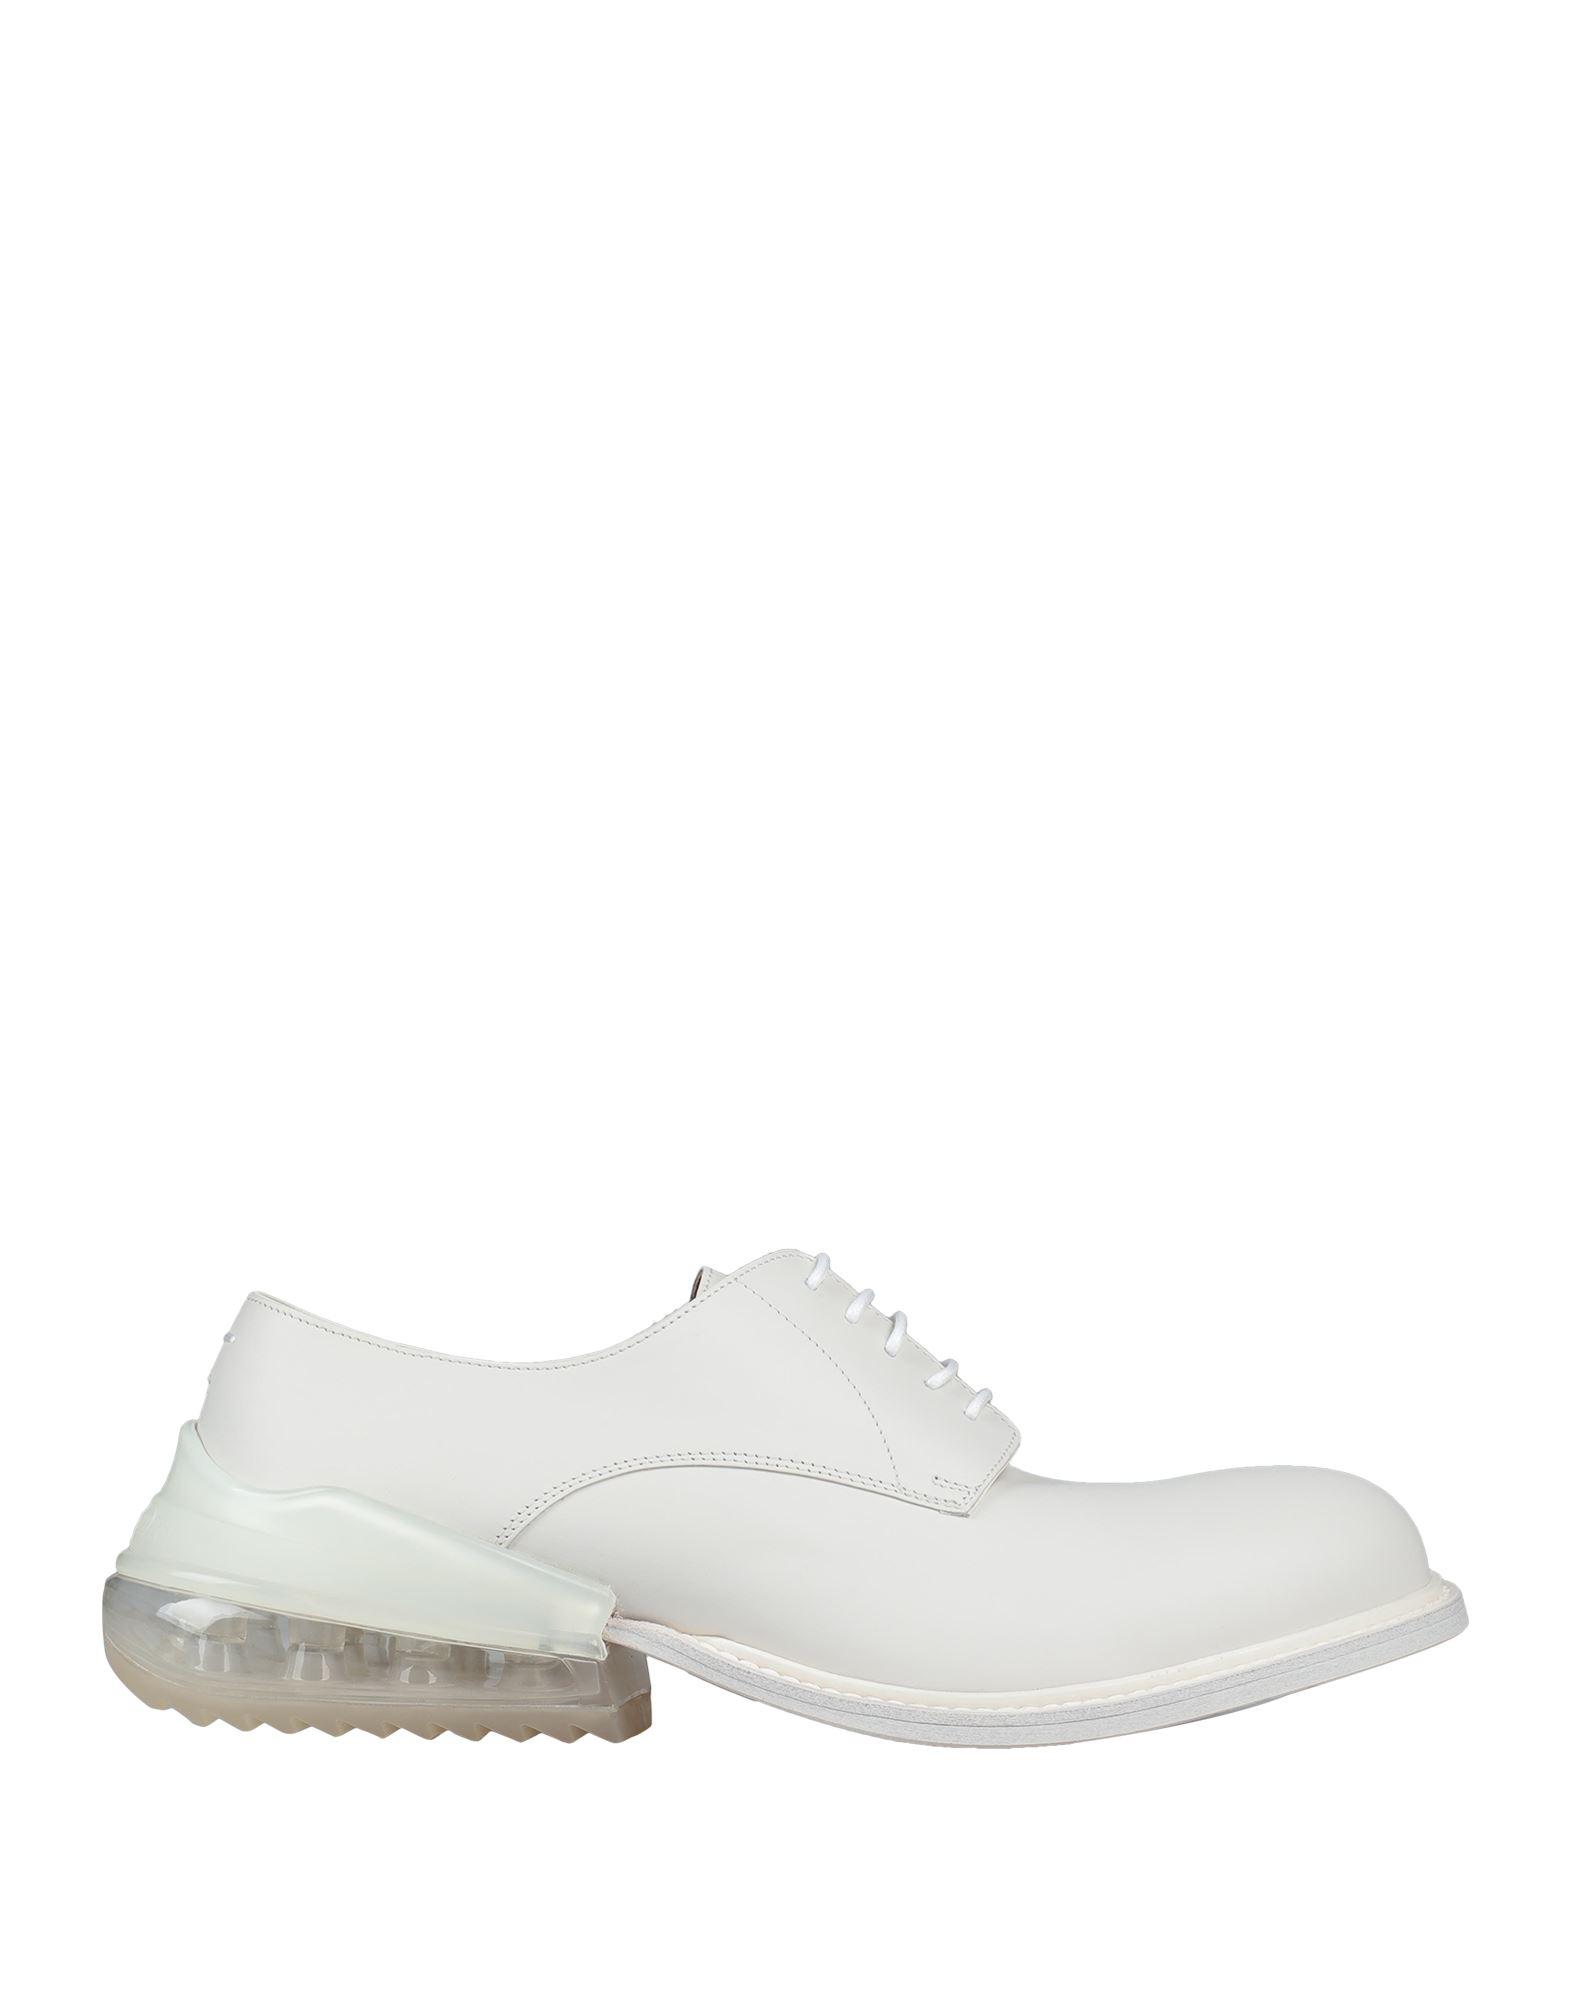 Фото - MAISON MARGIELA Обувь на шнурках maison margiela 22 обувь на шнурках